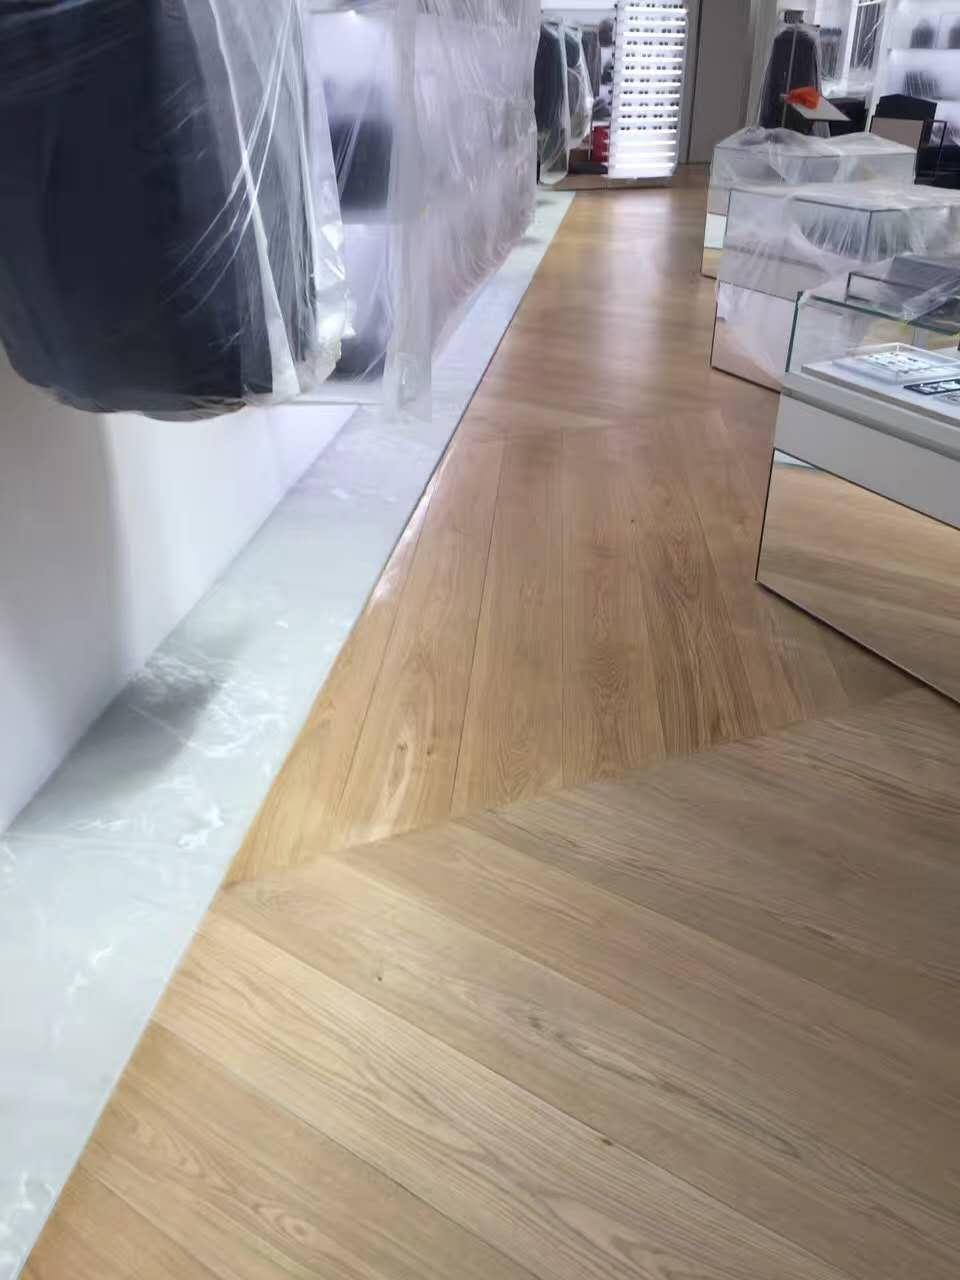 Dior商铺地板打磨翻新